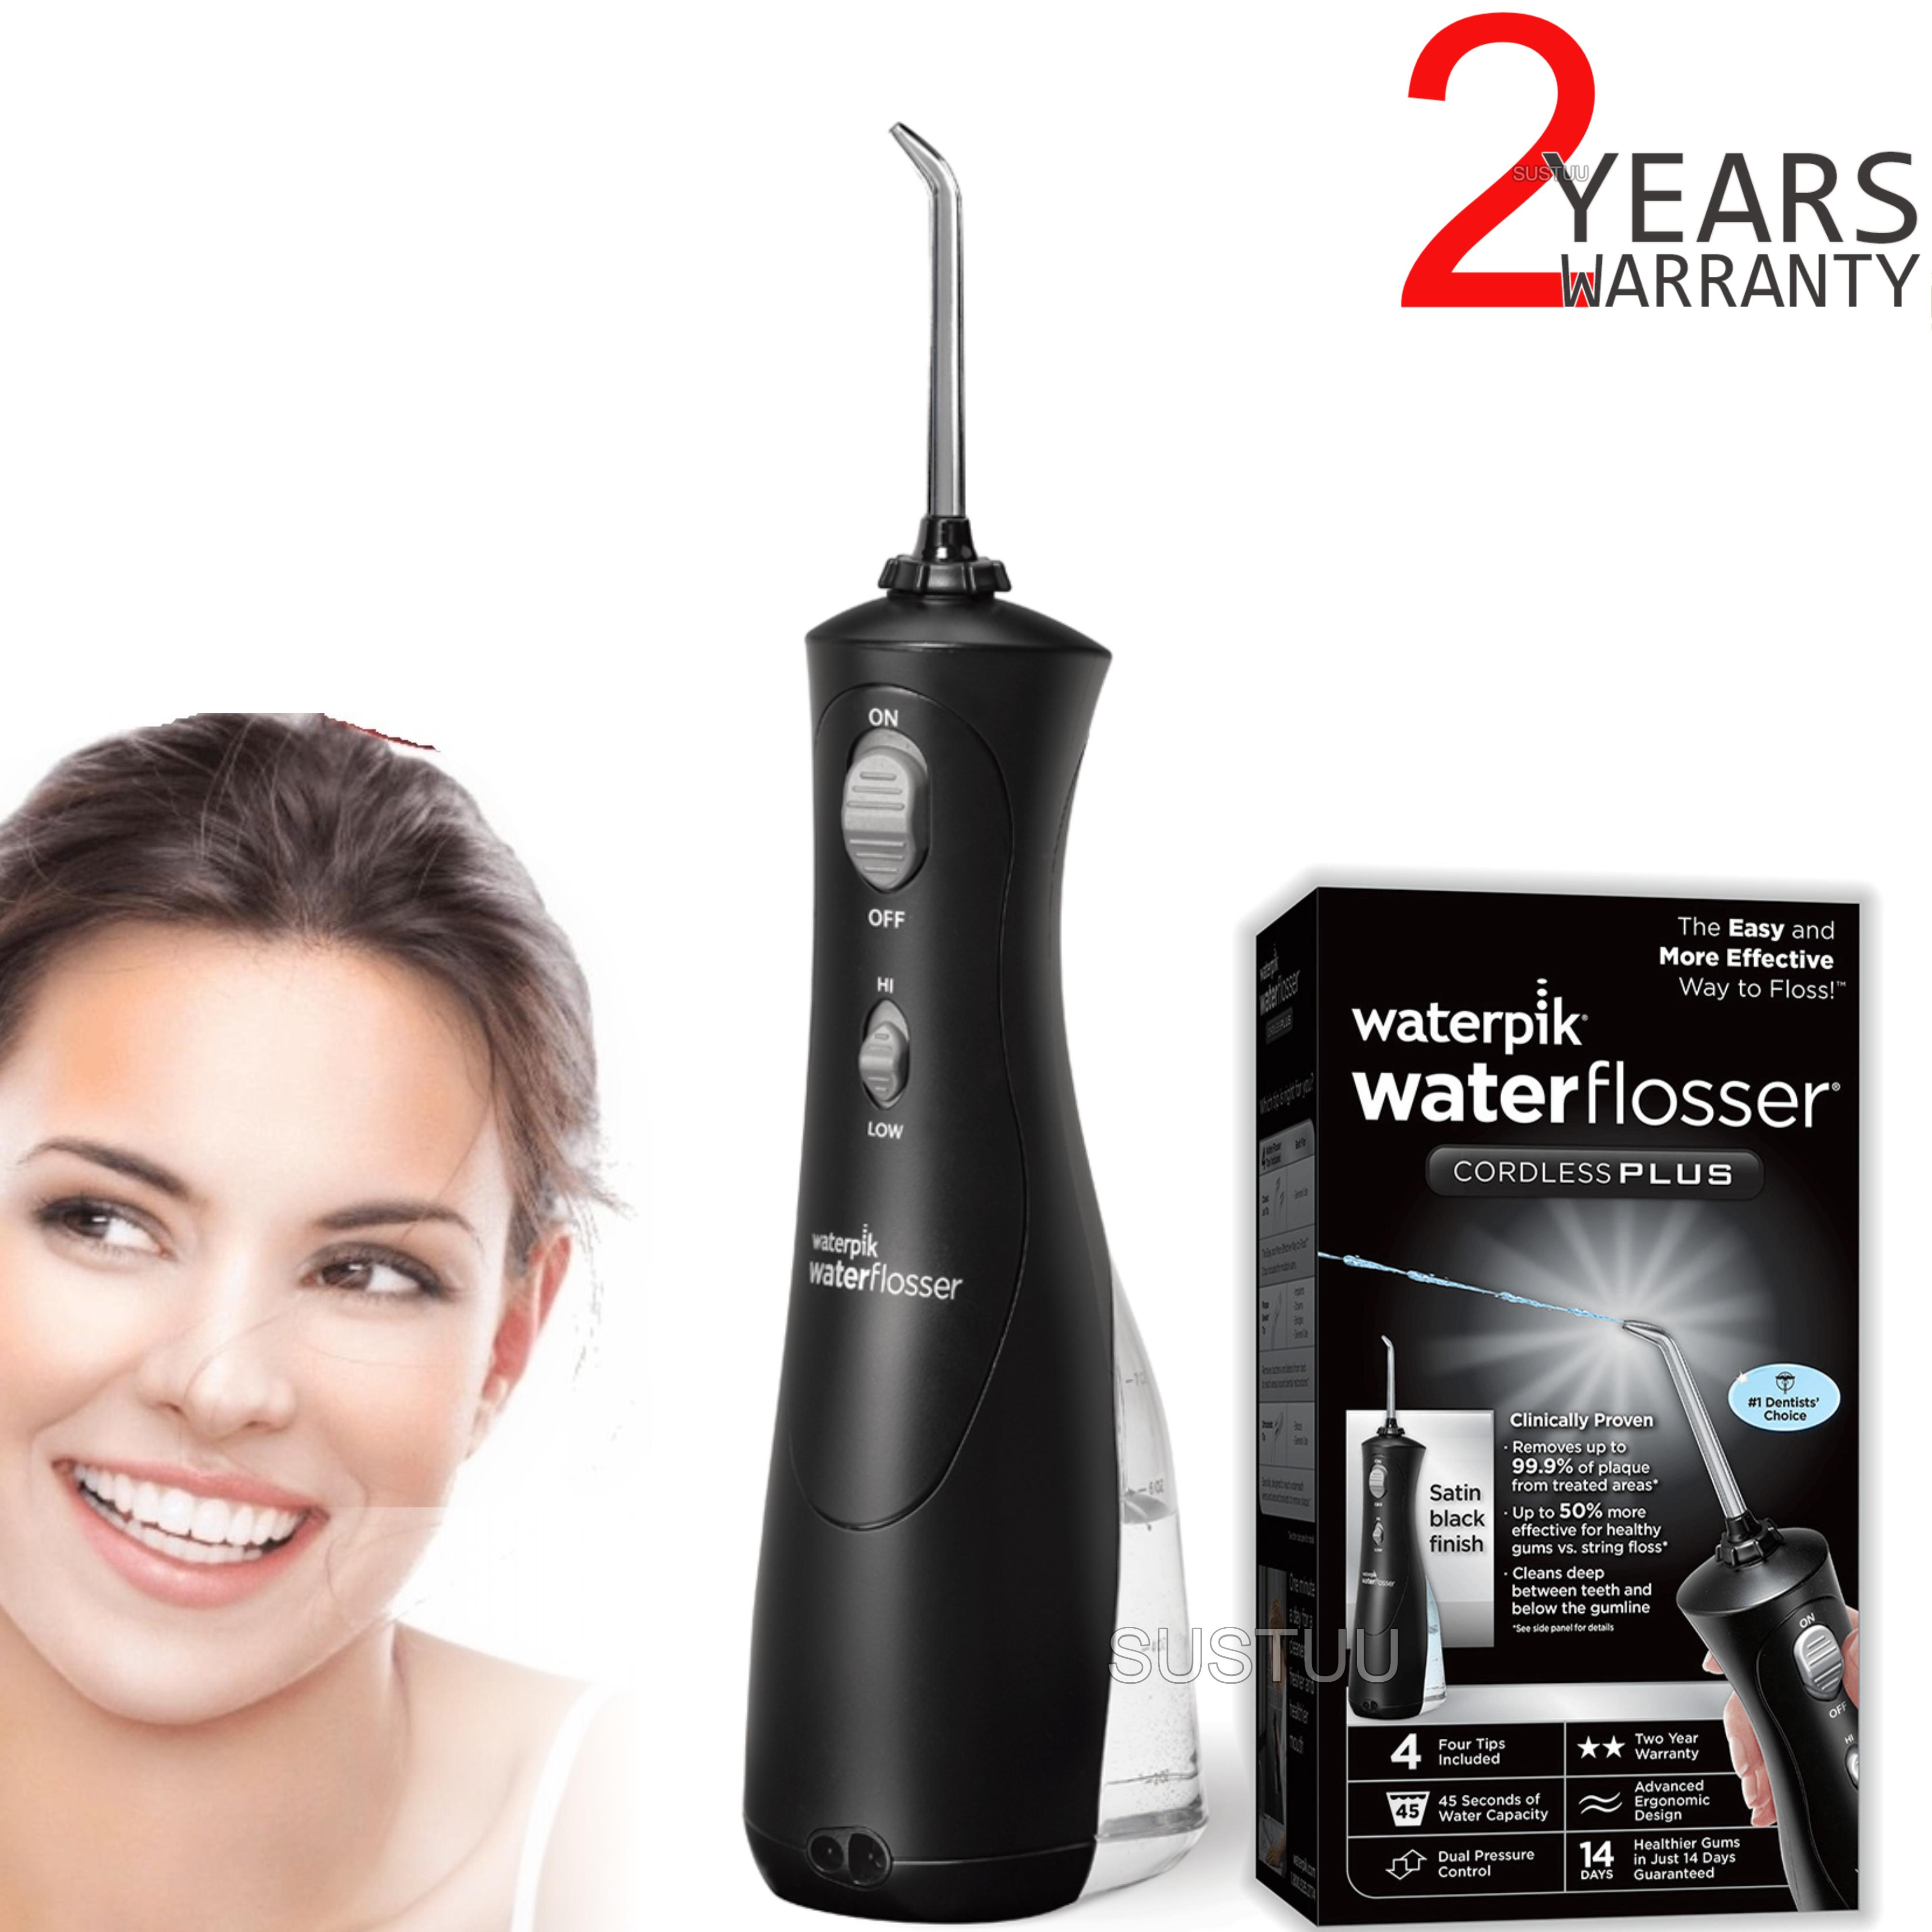 Waterpik Ultra Cordless Plus Dental Water Flosser Jet | Teeth Flossing | Black | WP462